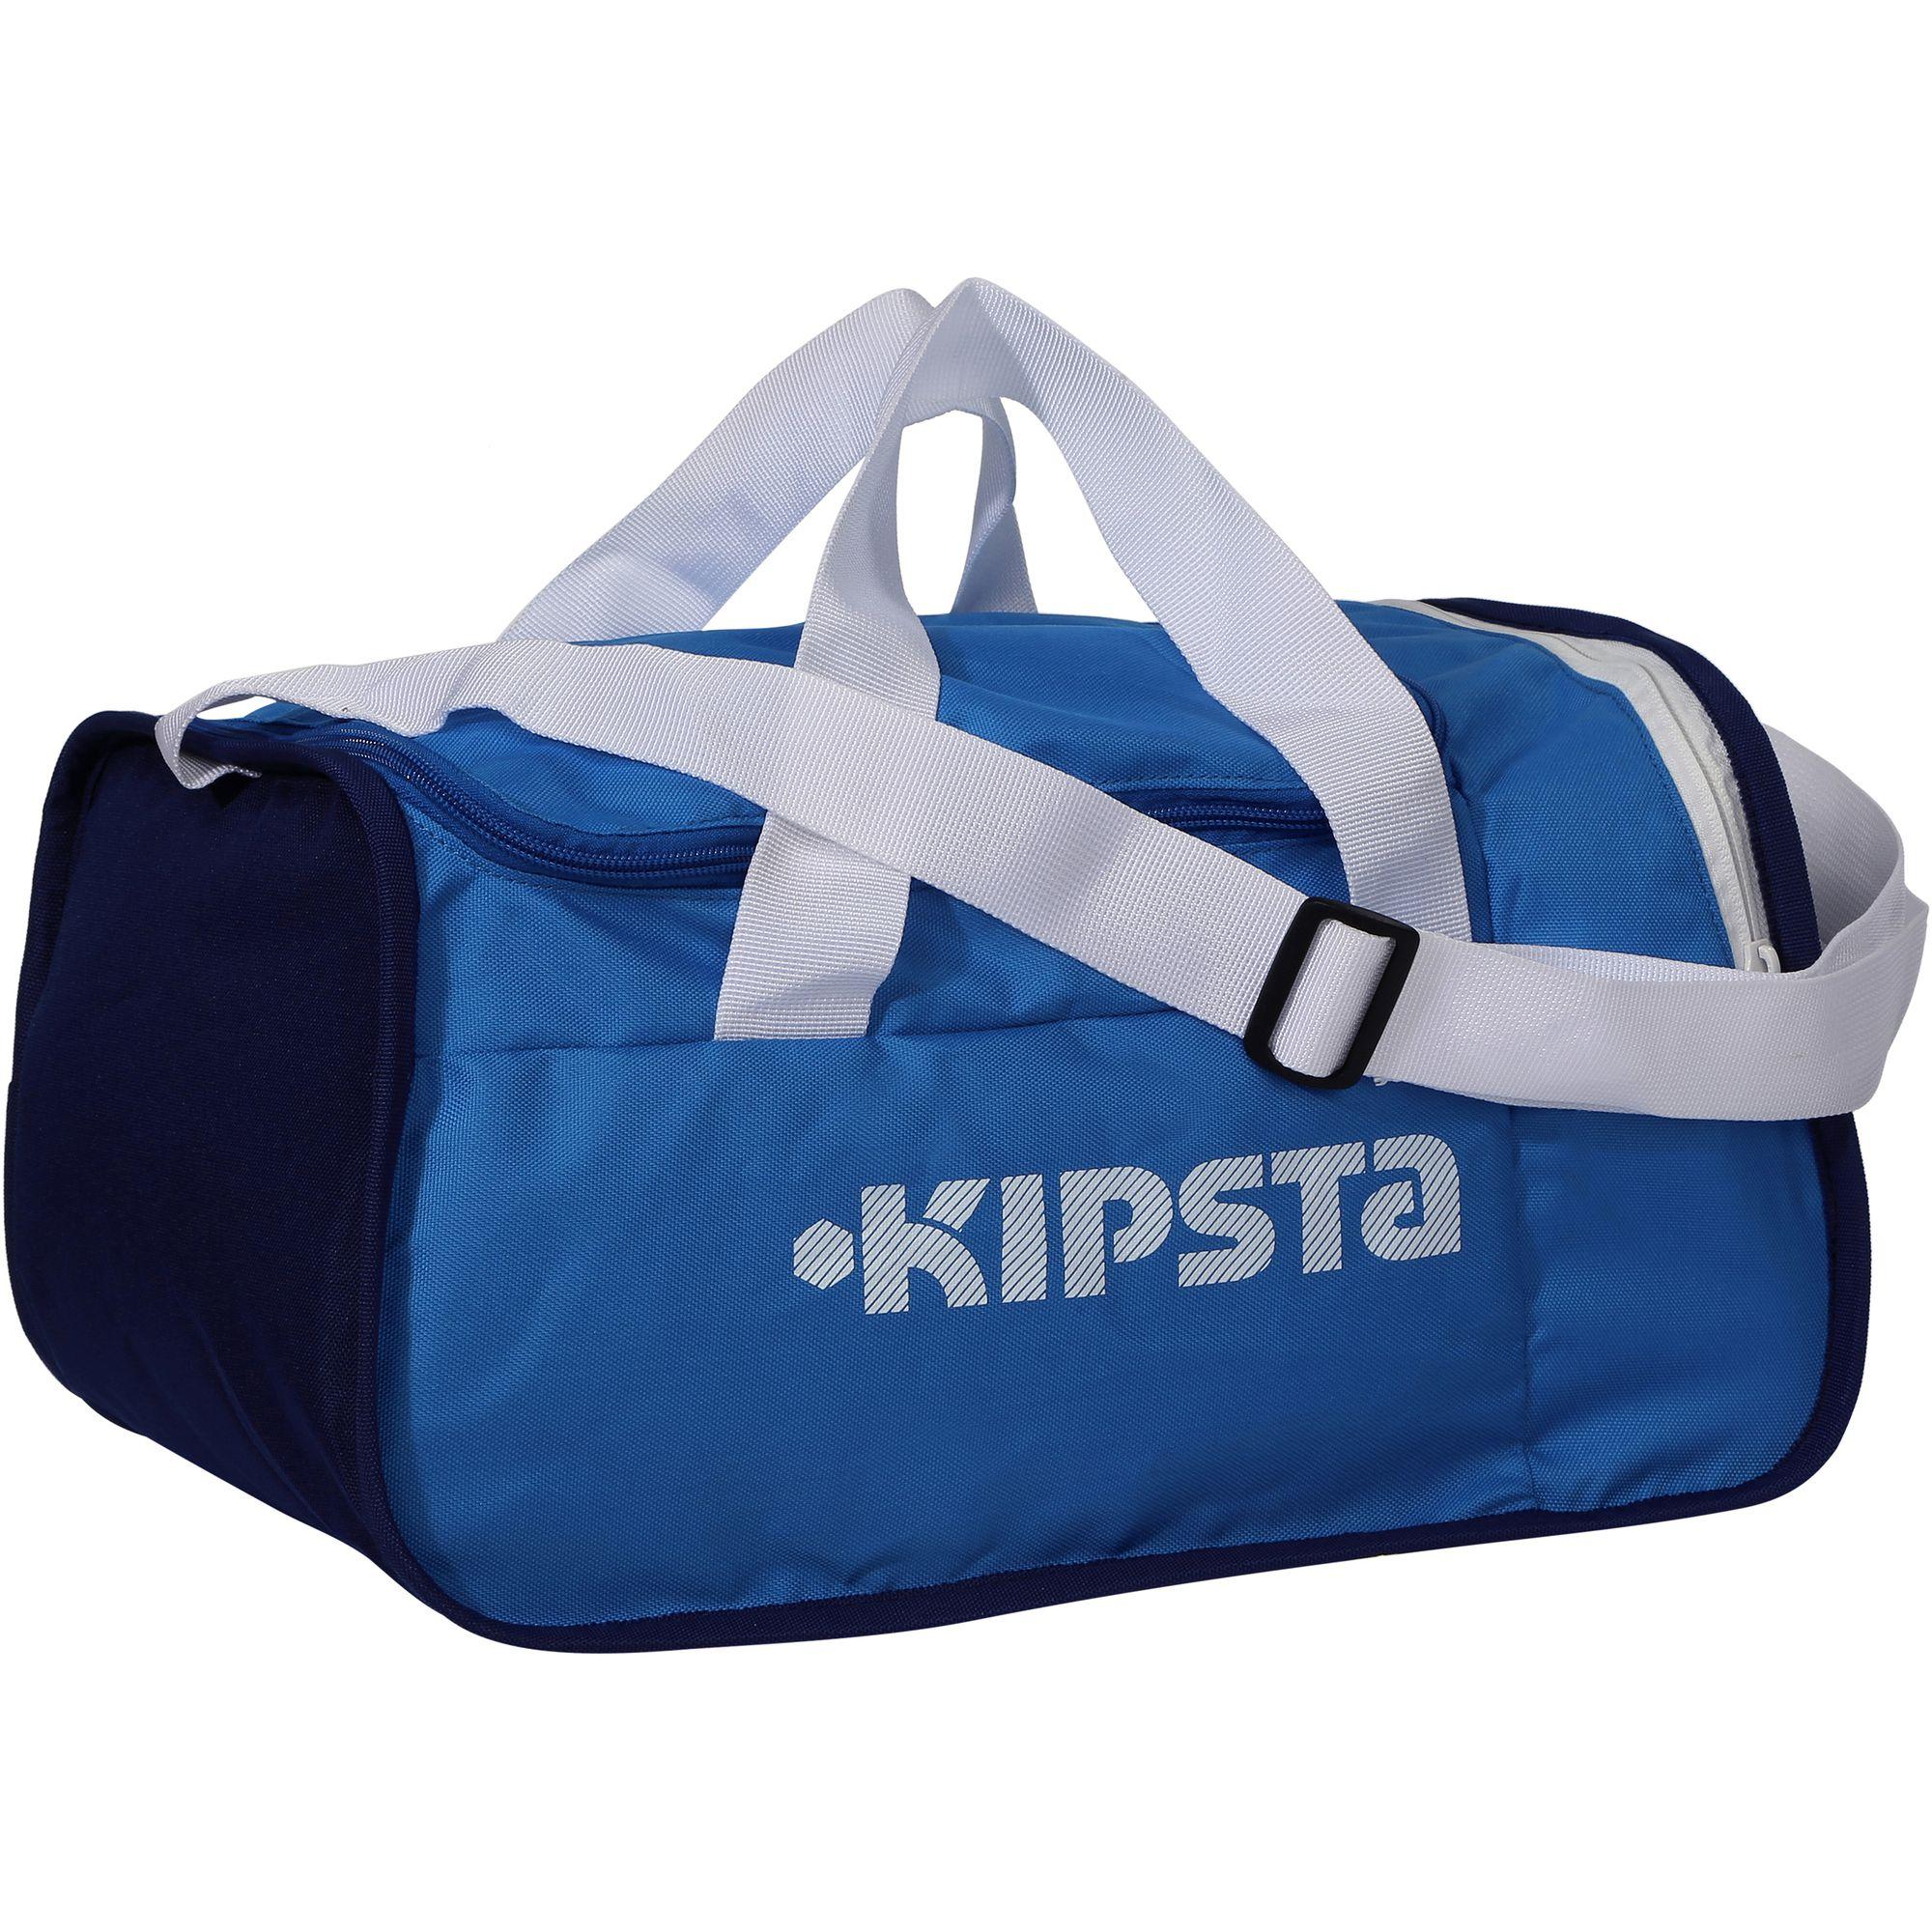 Sac sports collectifs Kipocket 20 litres bleu